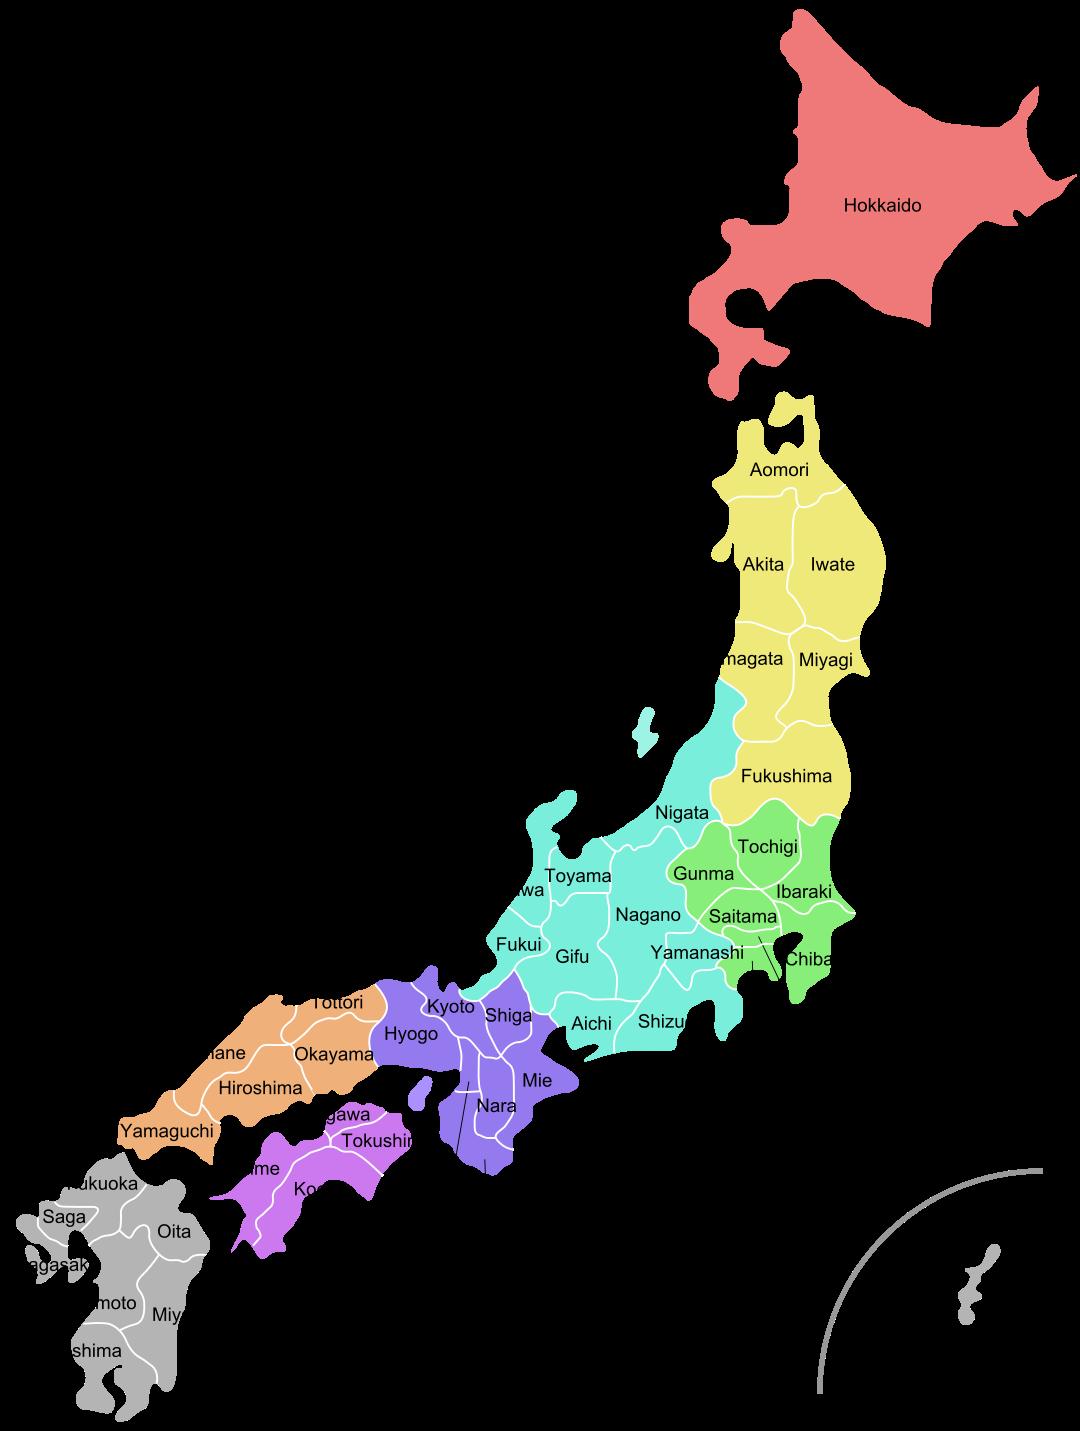 Japan_Regions_1080